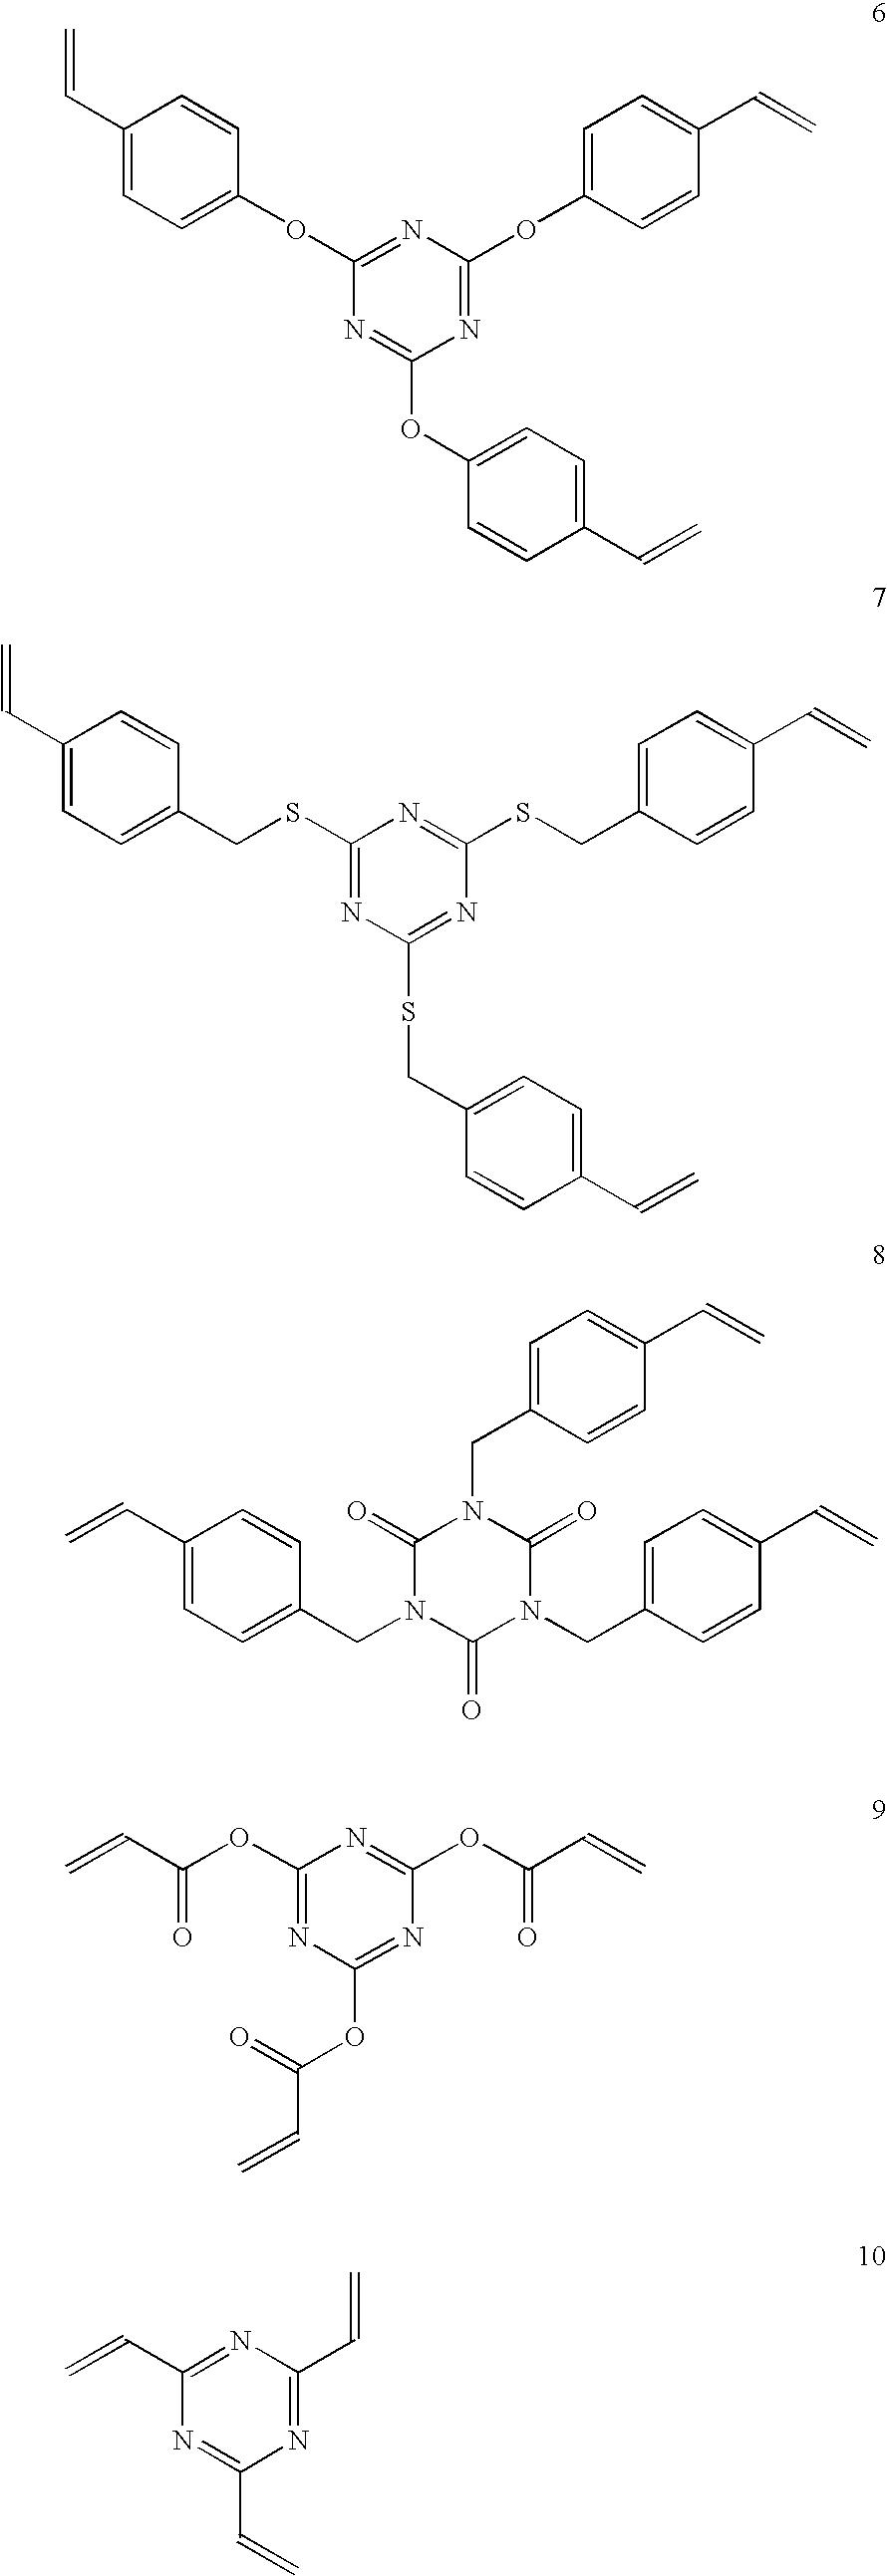 Figure US20040137251A1-20040715-C00012